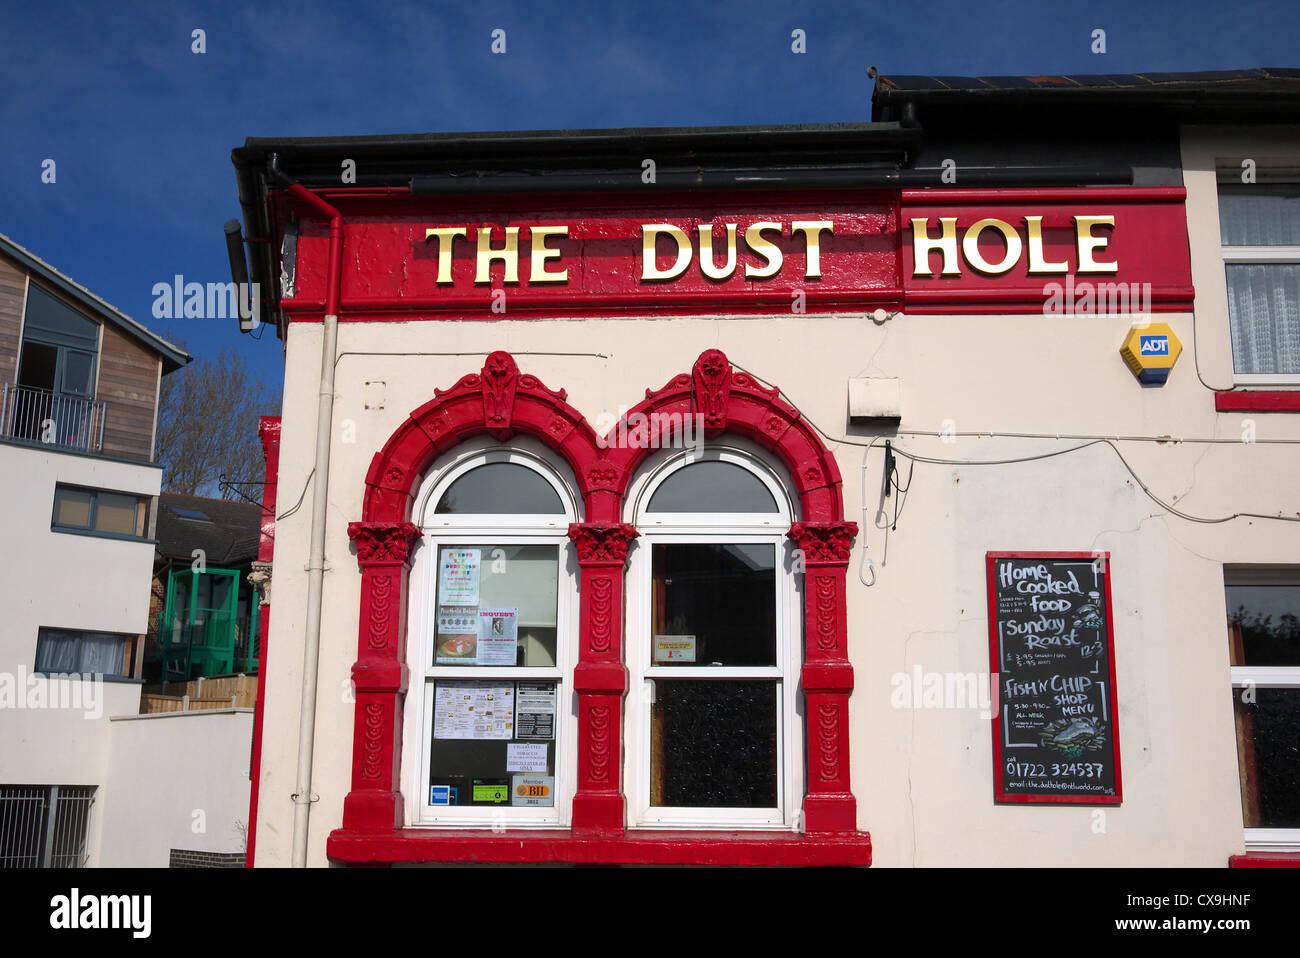 The Dust Hole pub, Salisbury, UK. - Stock Image